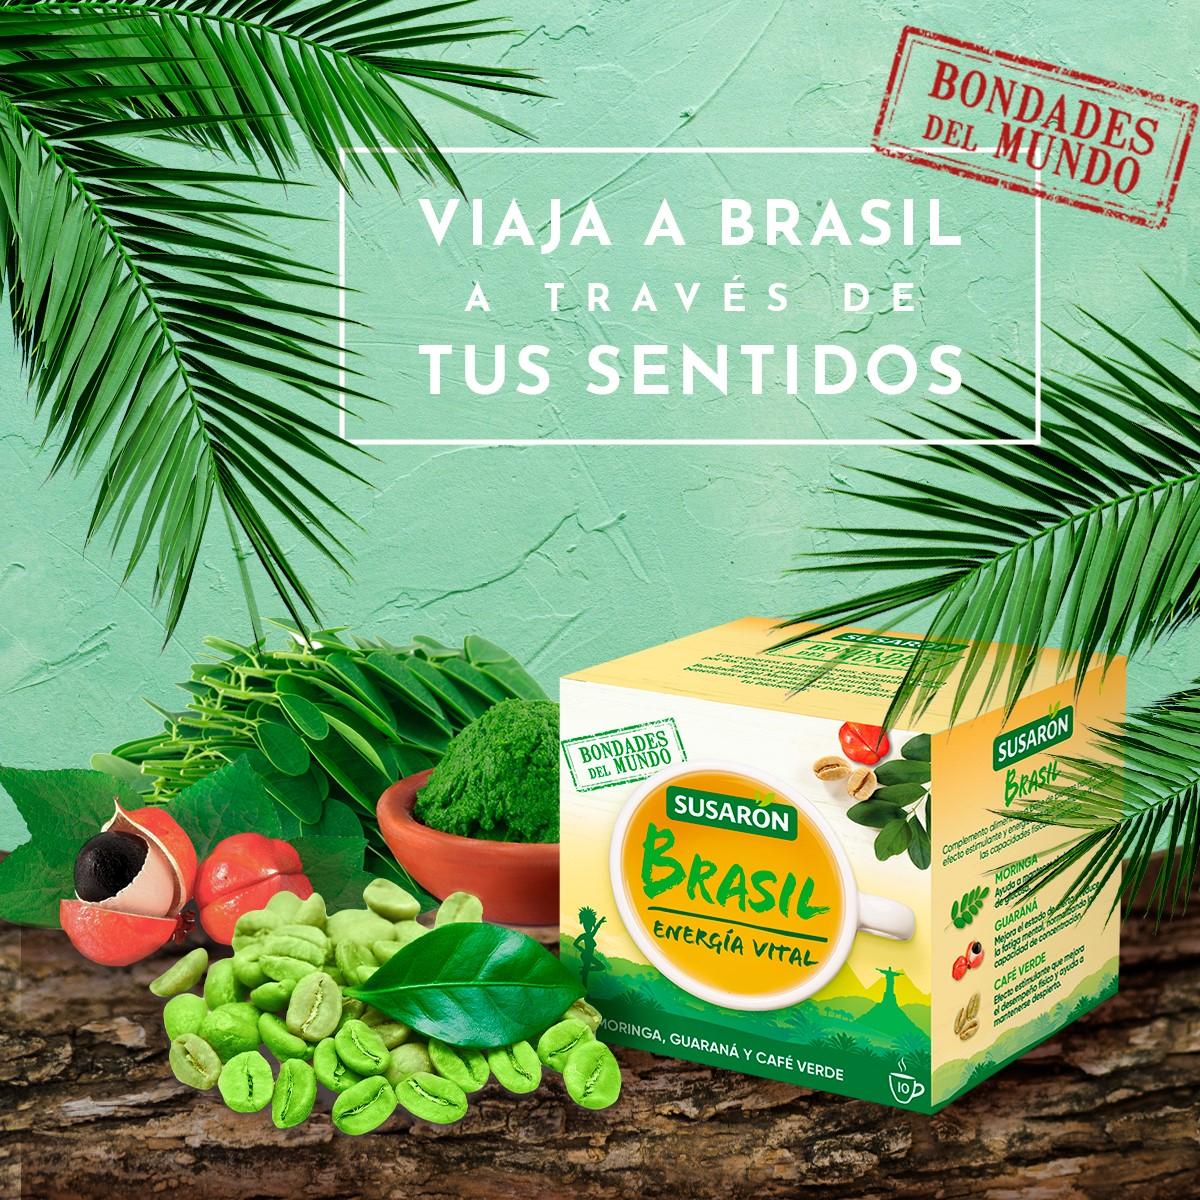 Siente la magia de #Brasil y su cultura a través de nuestro nuevo té. 🌎 Su sabor hará que viajes directamente a Brasil, además de aportarte la #energía vital que necesitas para mantenerte activo durante todo el día. 😊 https://t.co/oMnKjOqMku